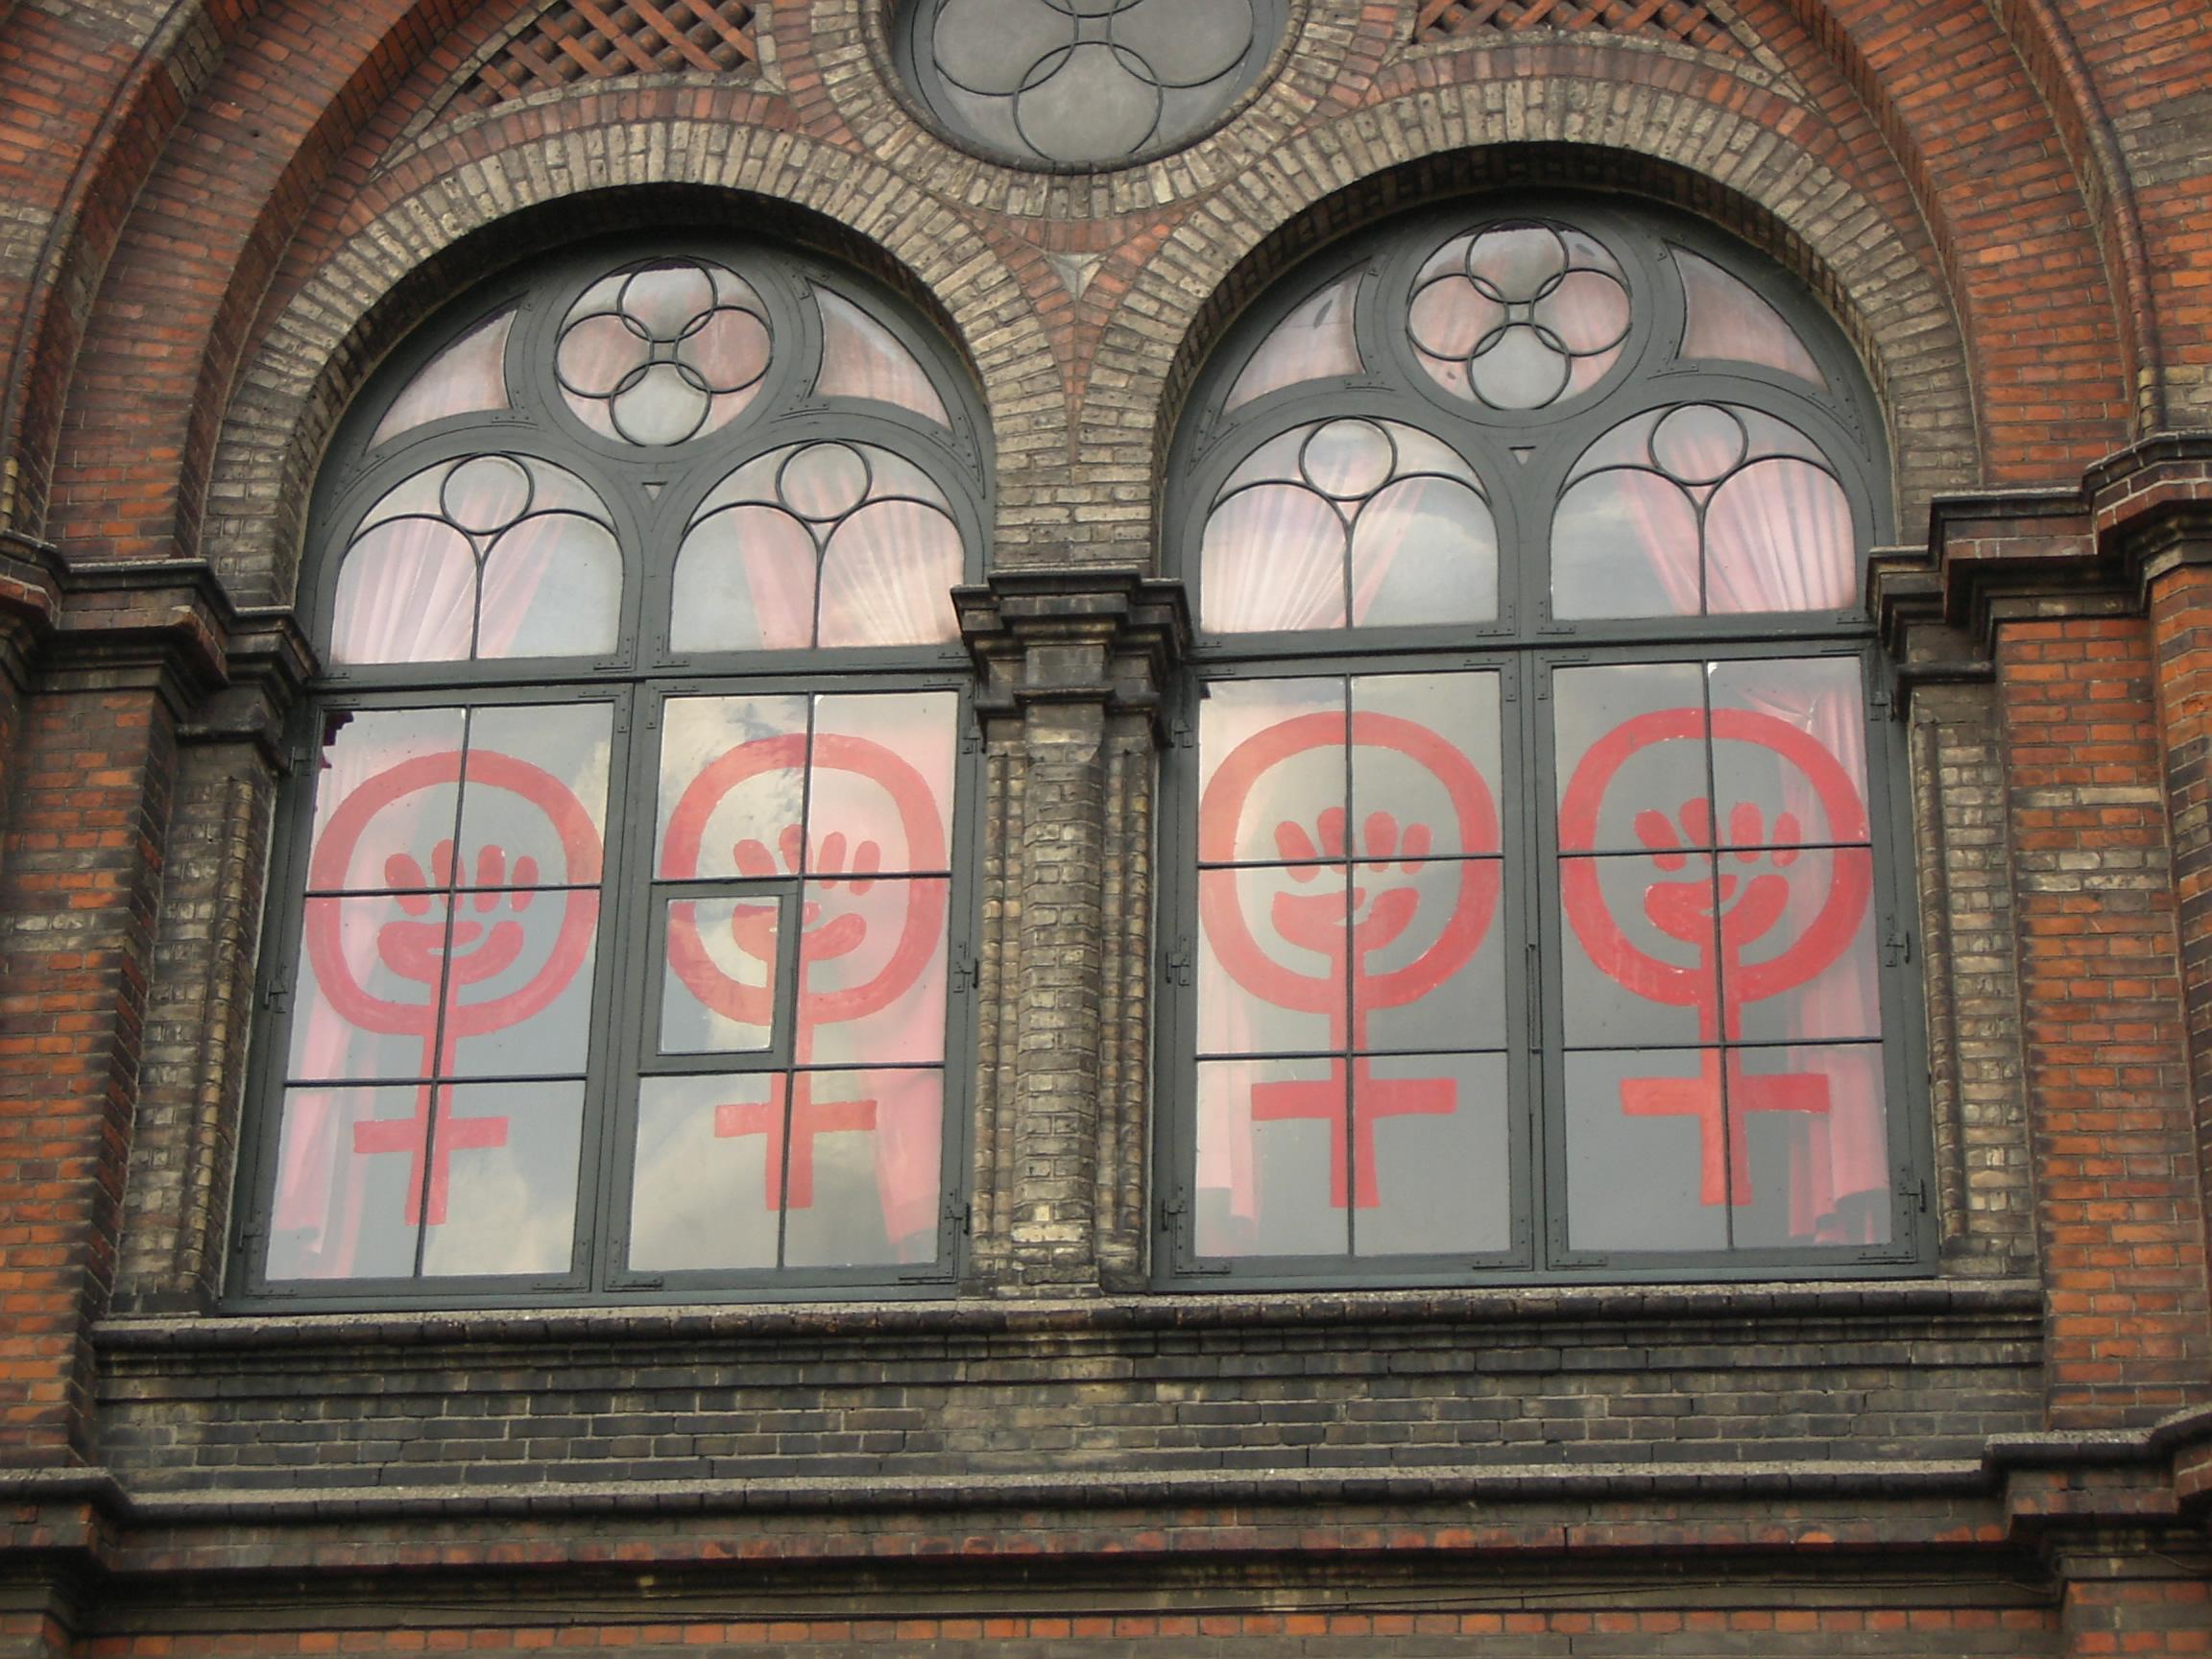 Kvindekampstegn fra Dannerhusets facade